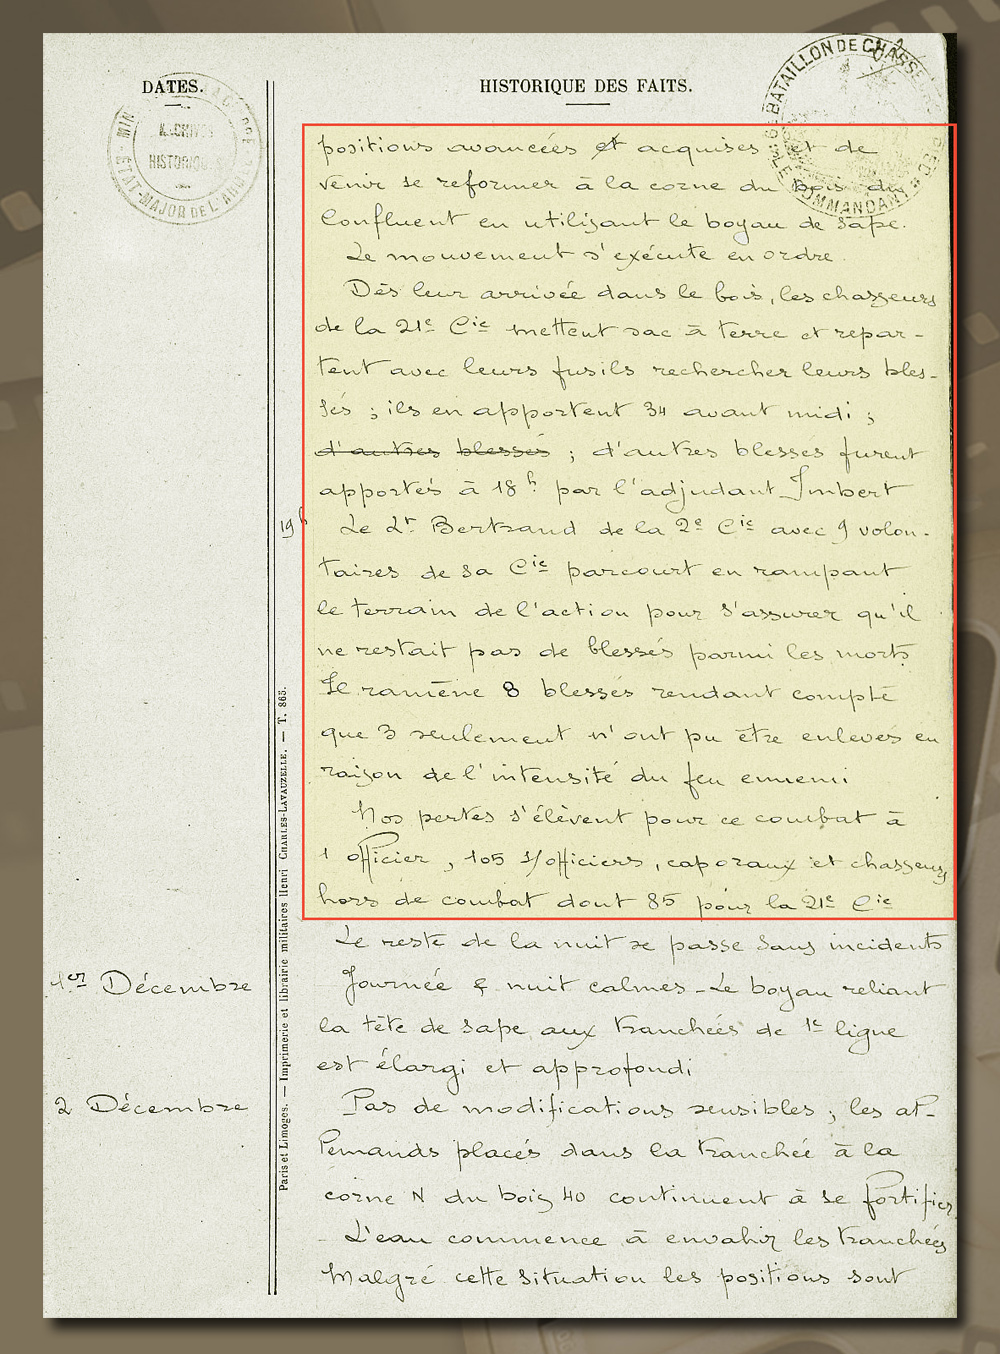 historique 6è bca ypres 30 nov 1914 pag 3